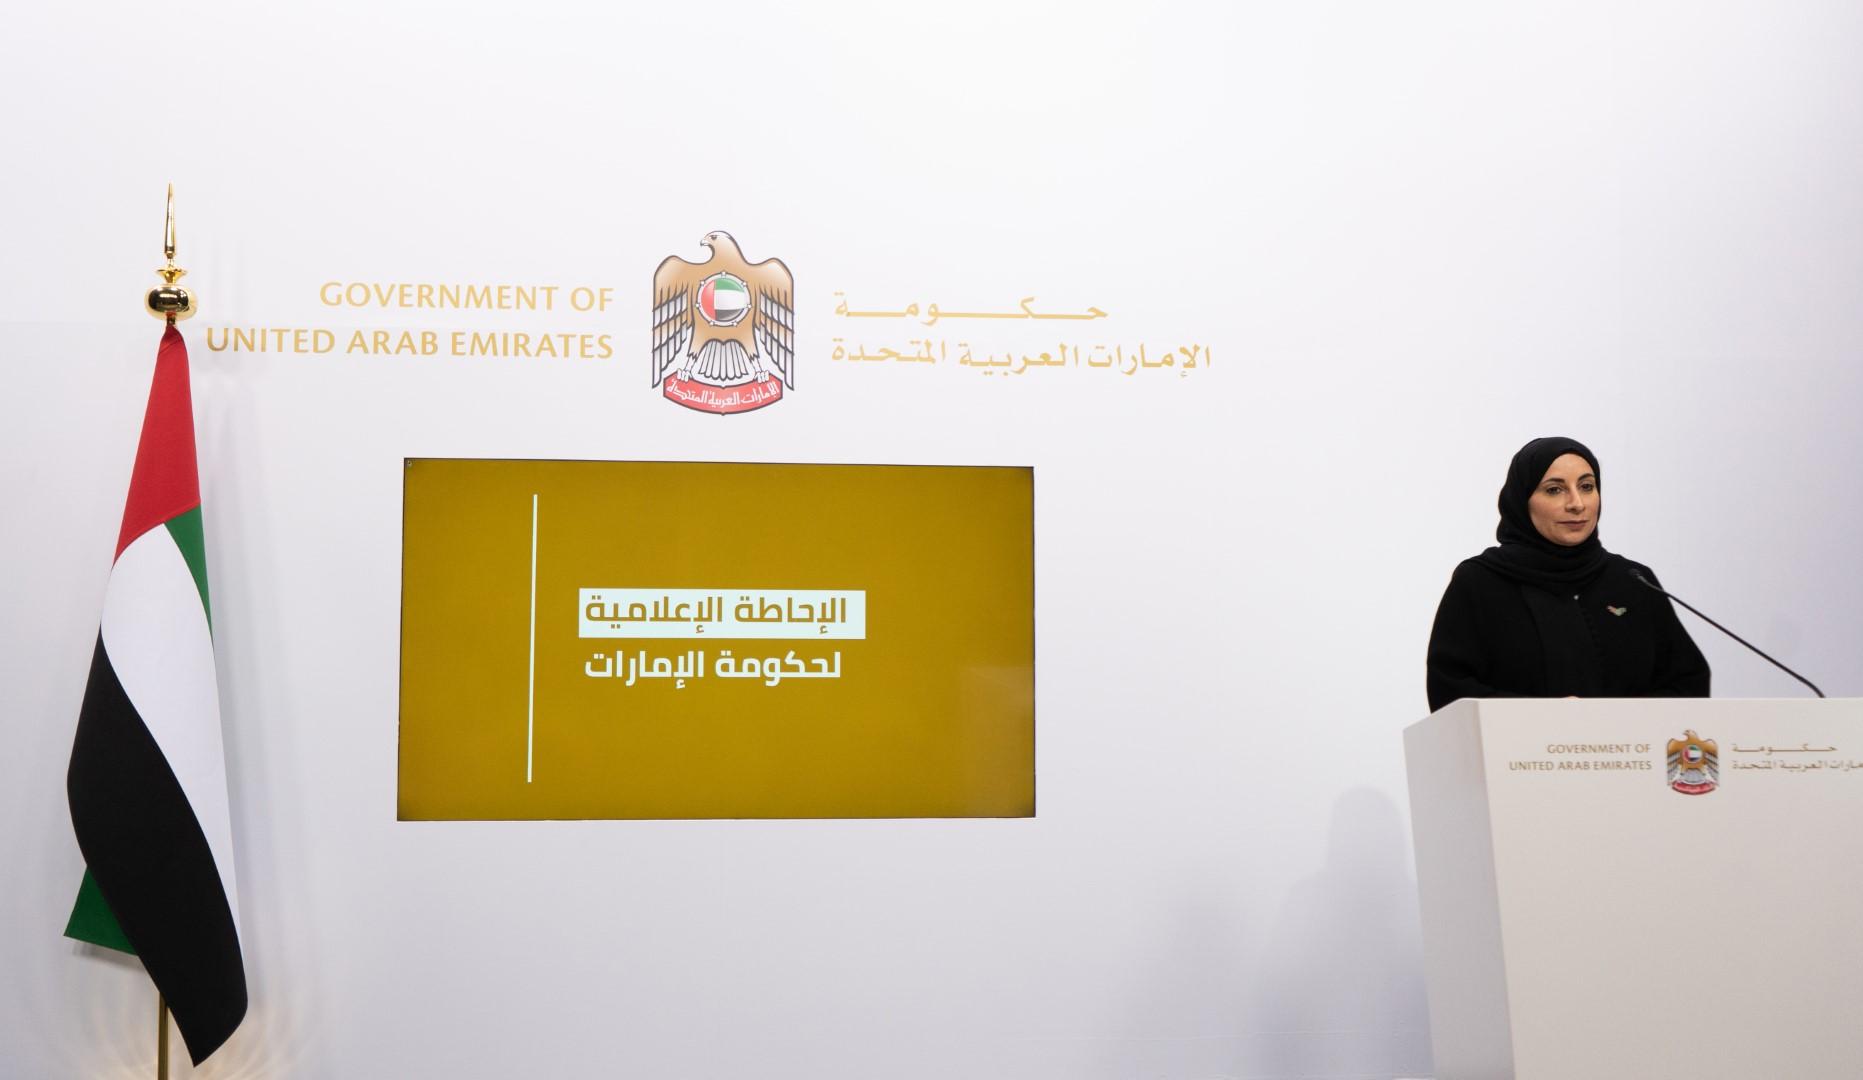 """الإحاطة الإعلامية لحكومة الإمارات : 3 ملايين و480 ألفا من سكان الدولة حصلوا على لقاح """"كوفيد - 19"""""""